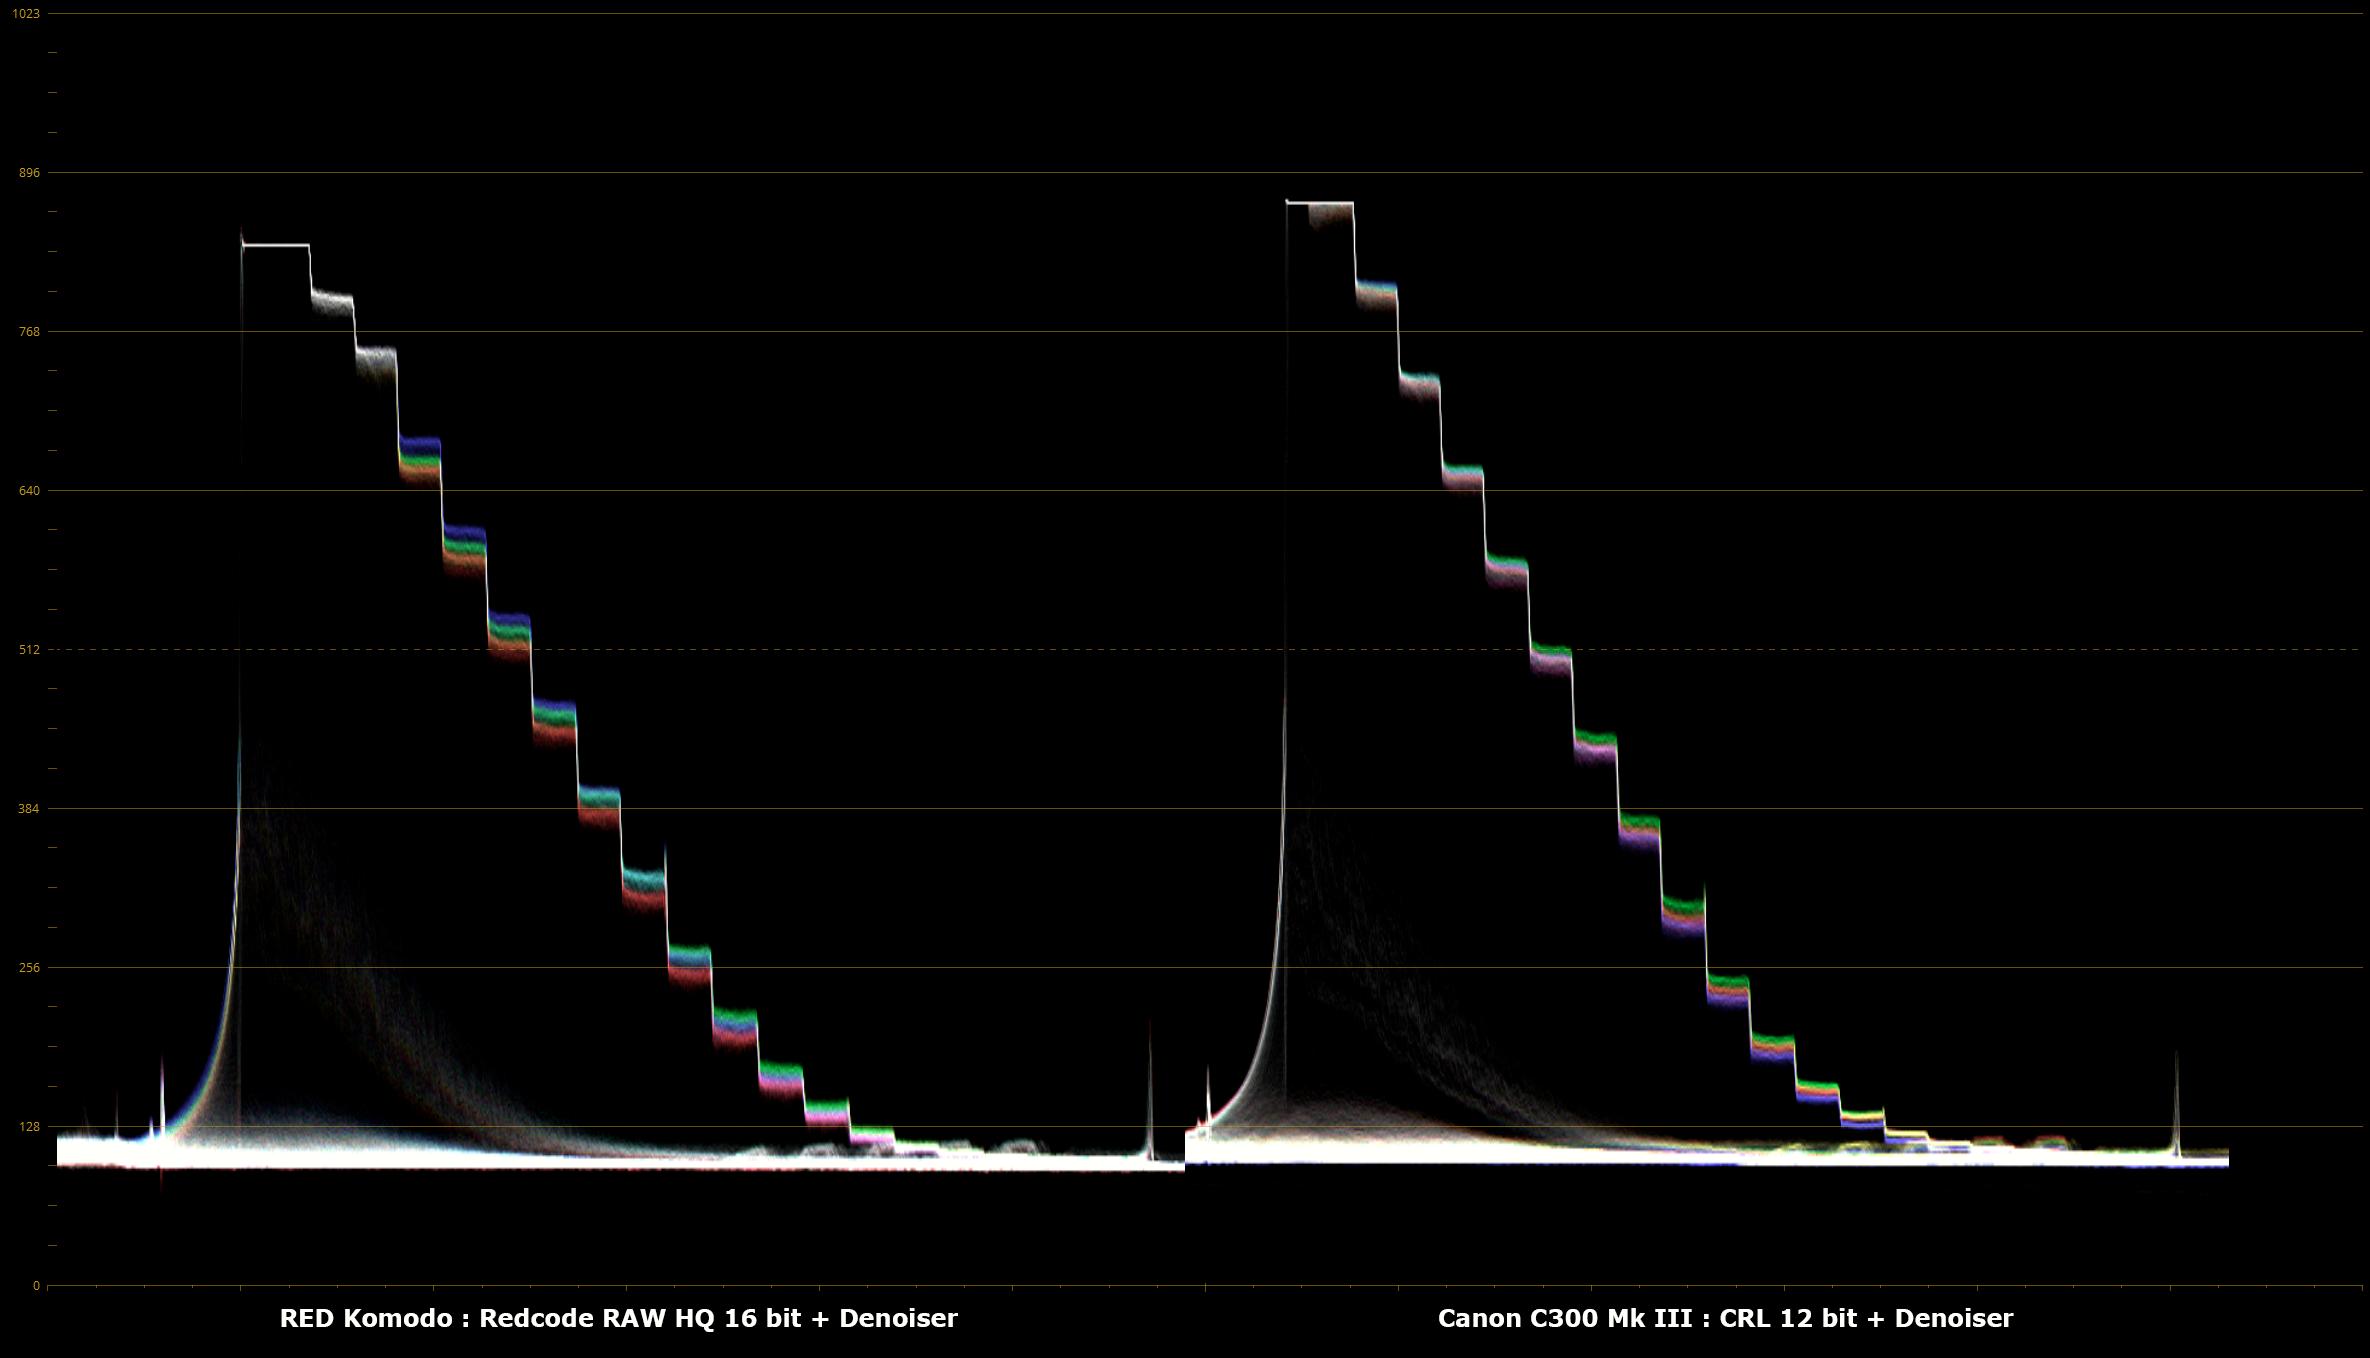 04_RED_Komodo_R3D_HQ_Denoiser_vs_Canon_C300_Mk_III_Cinema_RAW_Light_12_bit_Denoiser.png